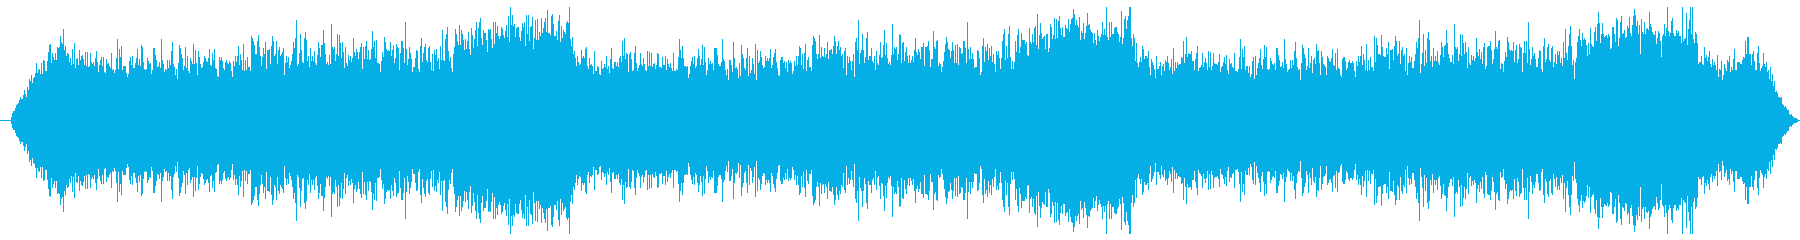 サイコ感のあるクレシェンドのあるBGSの再生済みの波形